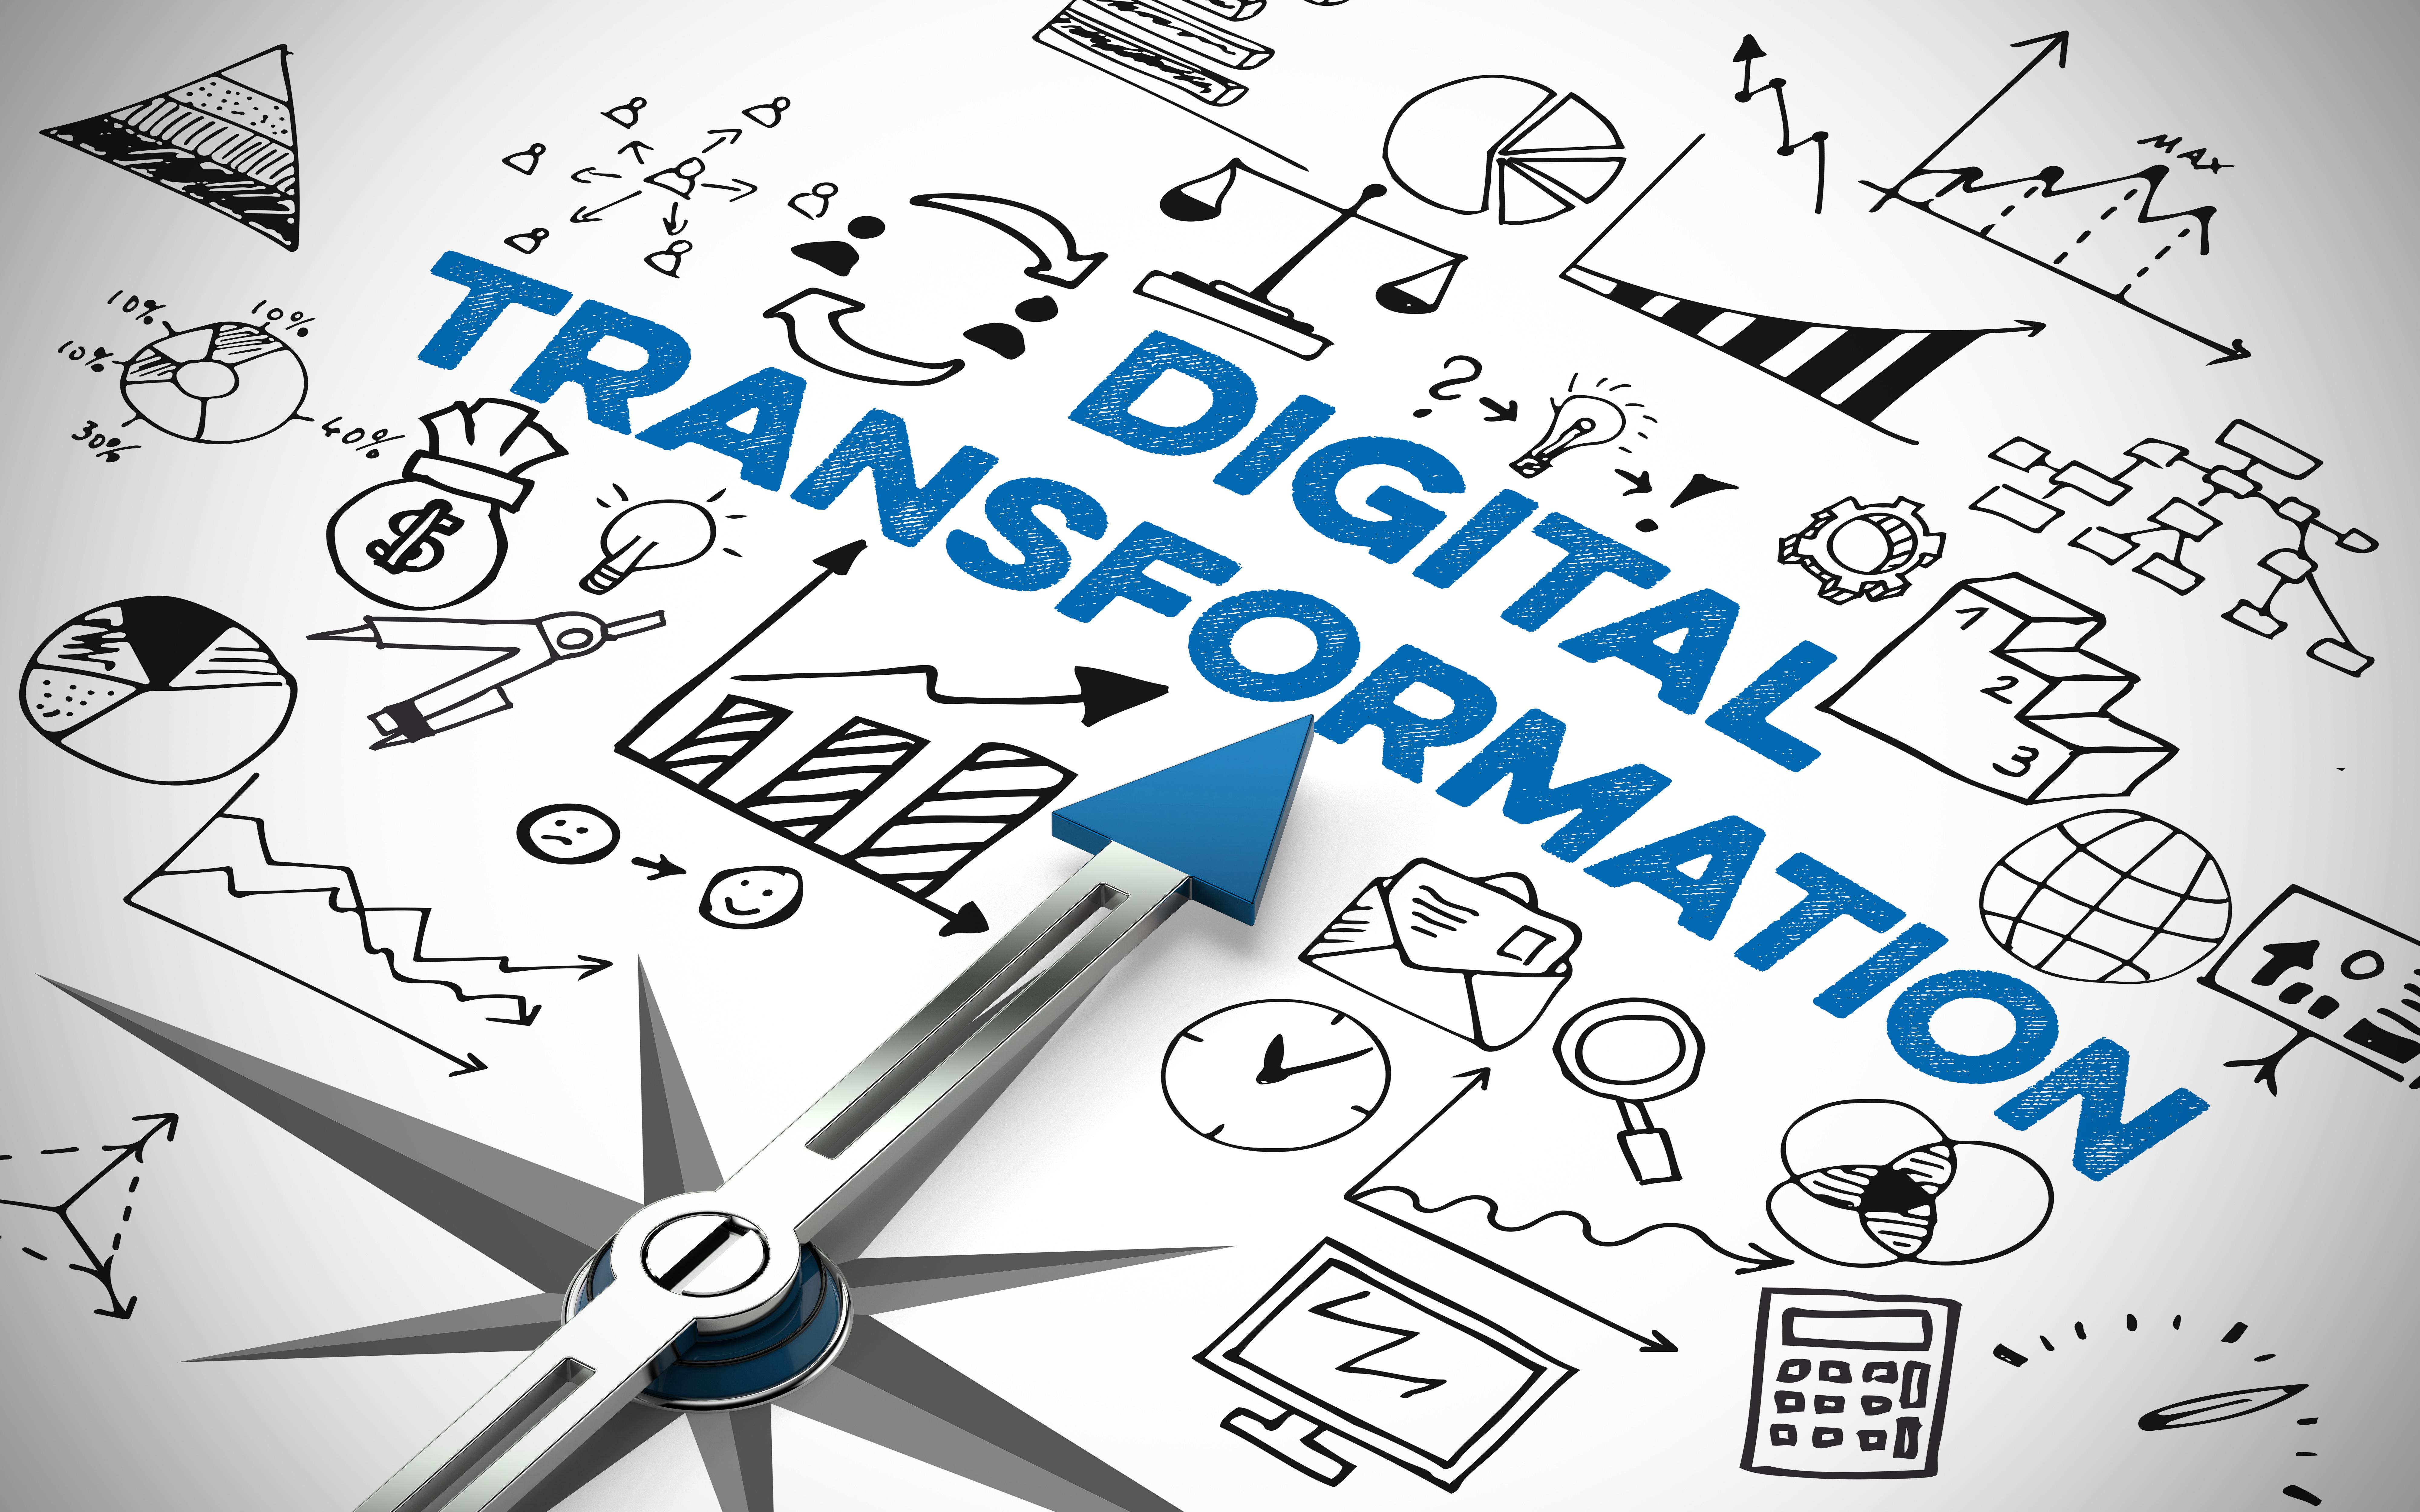 デジタルトランスフォーメーション(DX)とは?